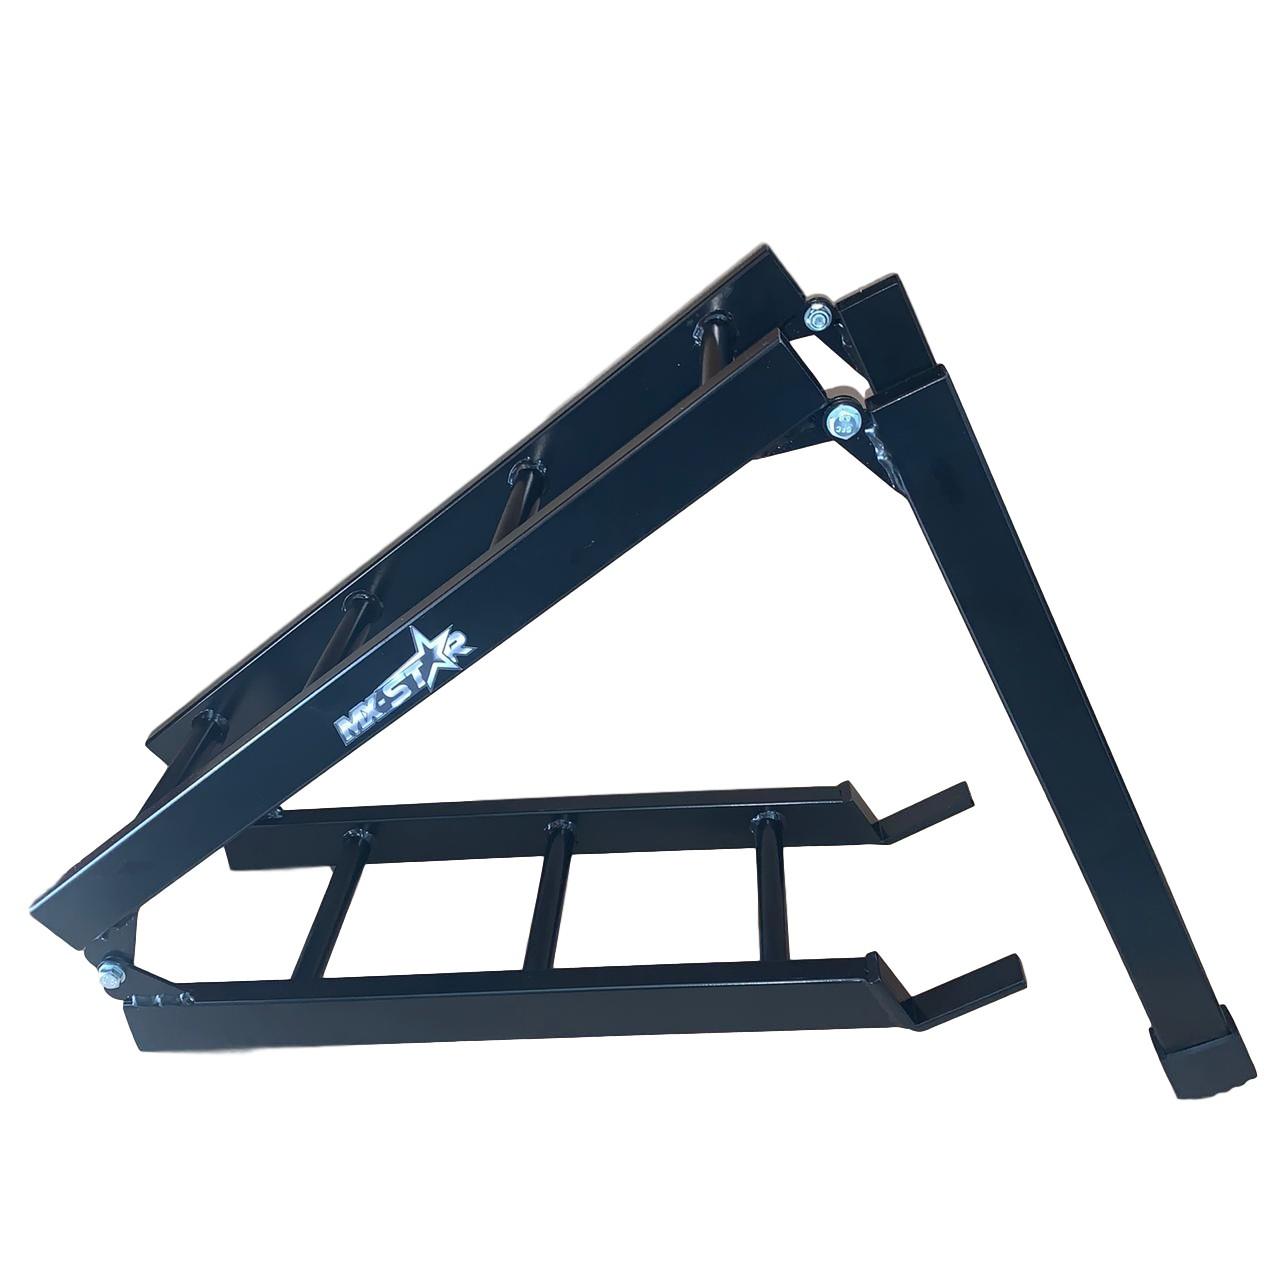 Kit Transporte Moto - Rampa + Esticador